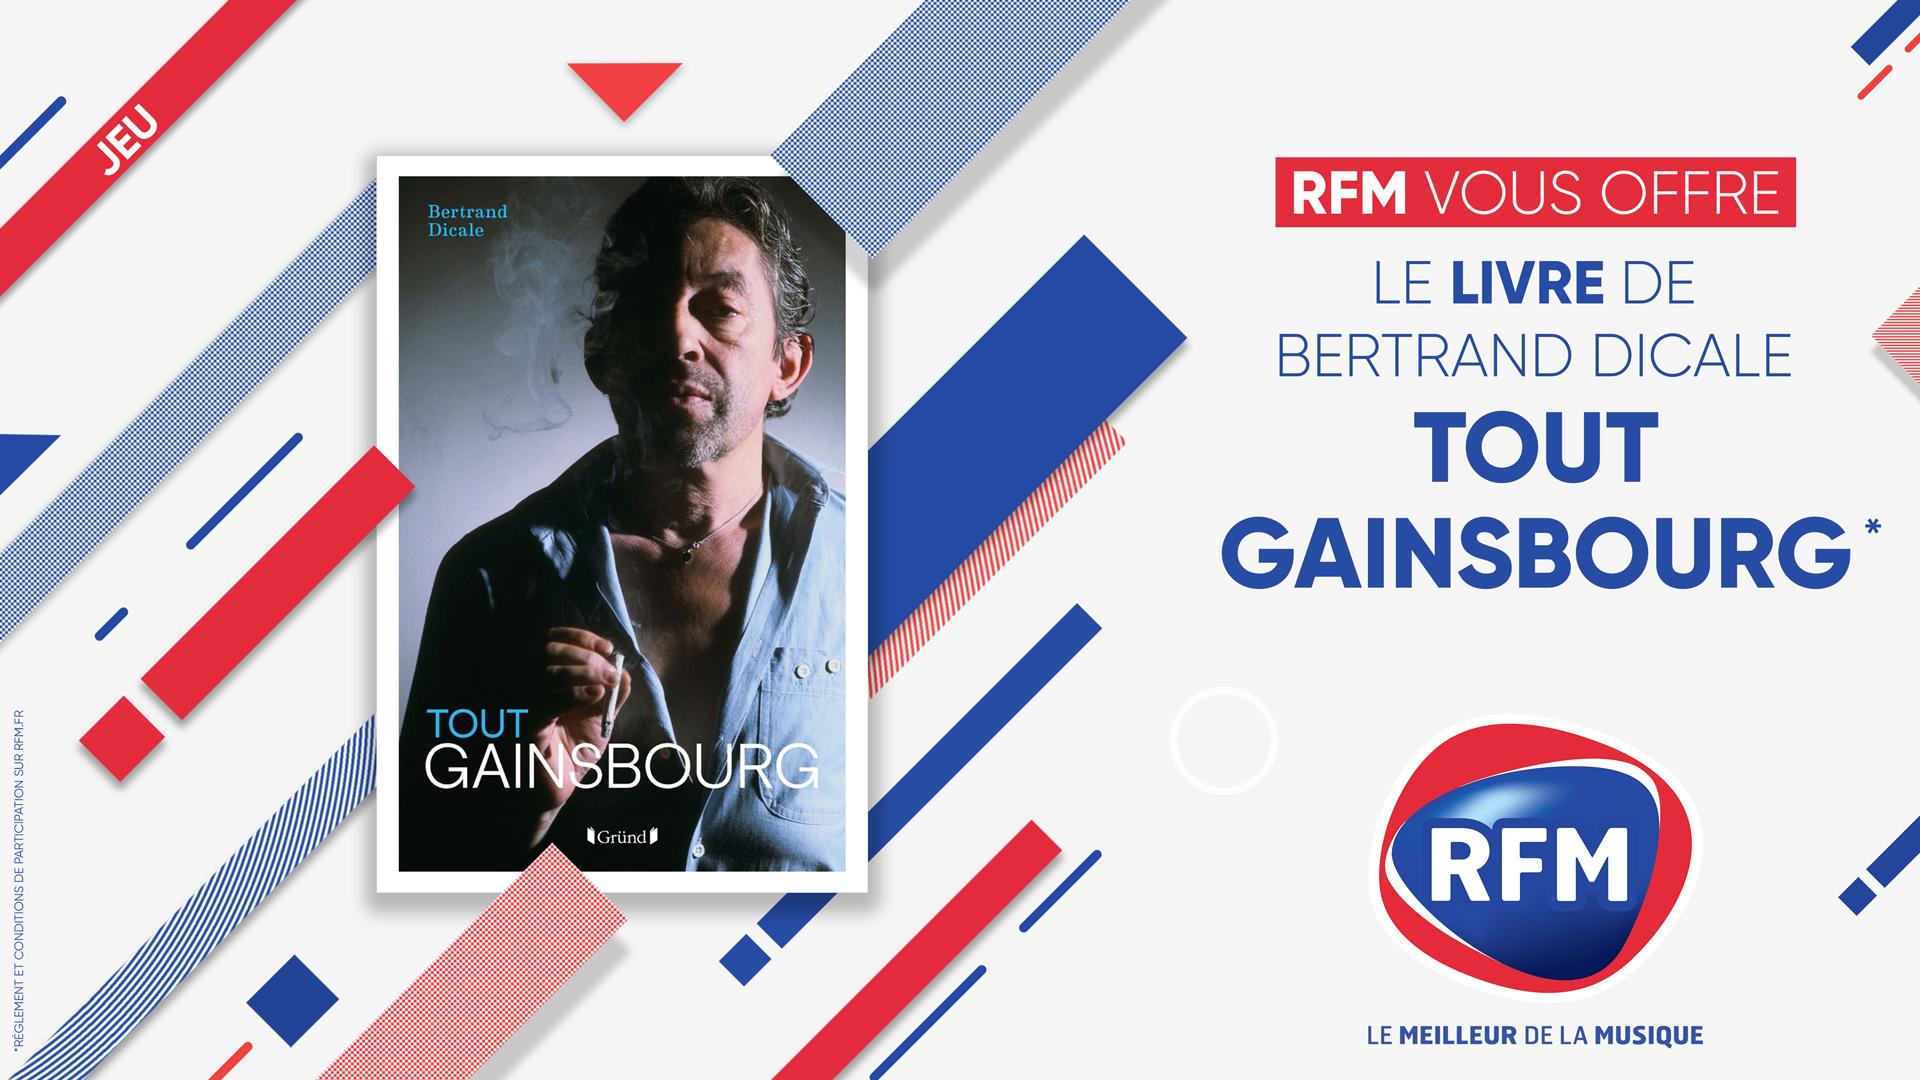 RFM vous offre le livre «Tout Gainsbourg» de Bertrand Dicale - RFM